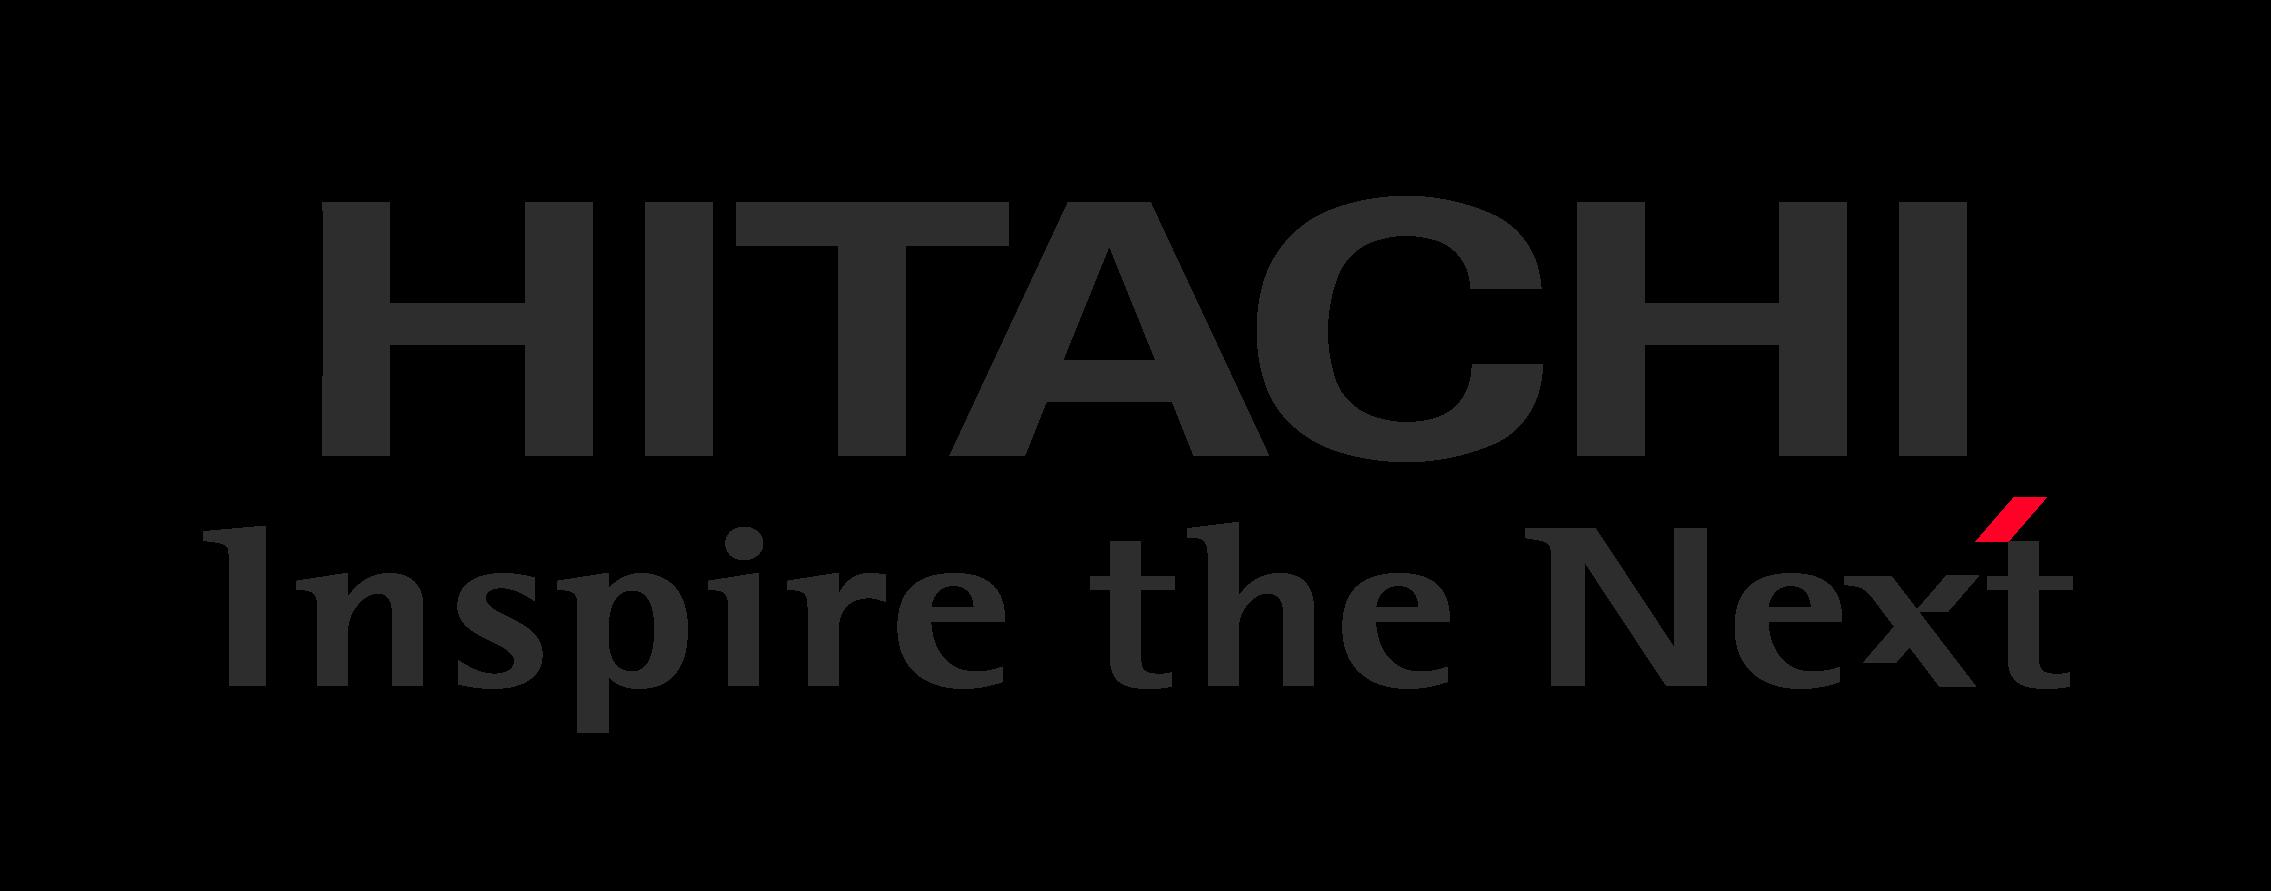 株式会社日立製作所のロゴ